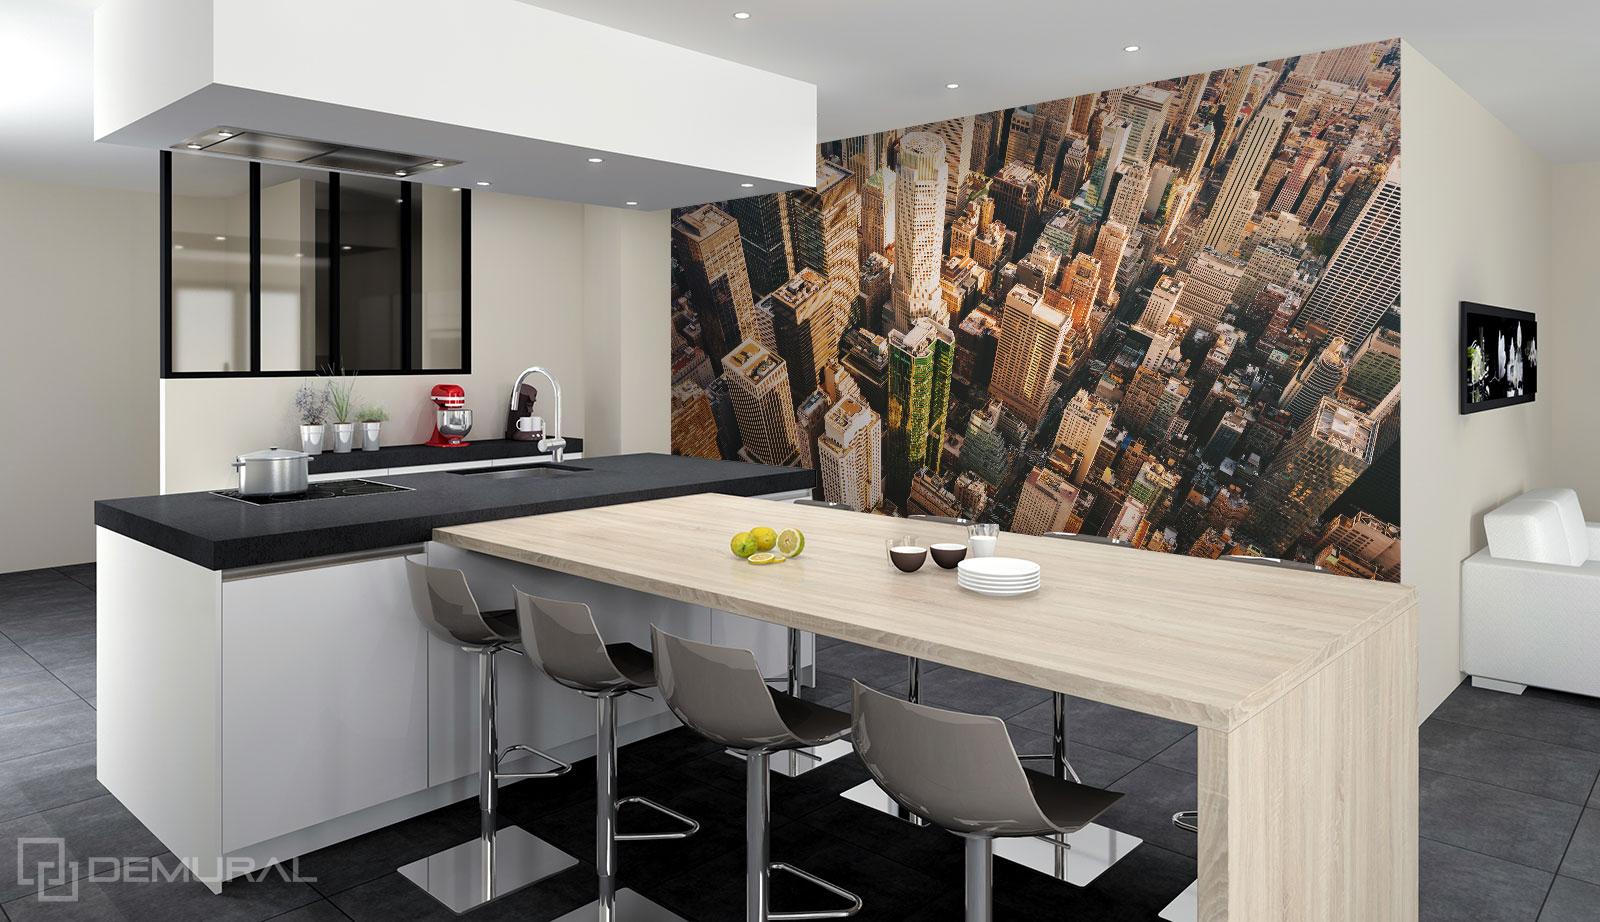 Fototapete Die Spitzen der Wolkenkratzer - Fototapete für große Küche - Demural